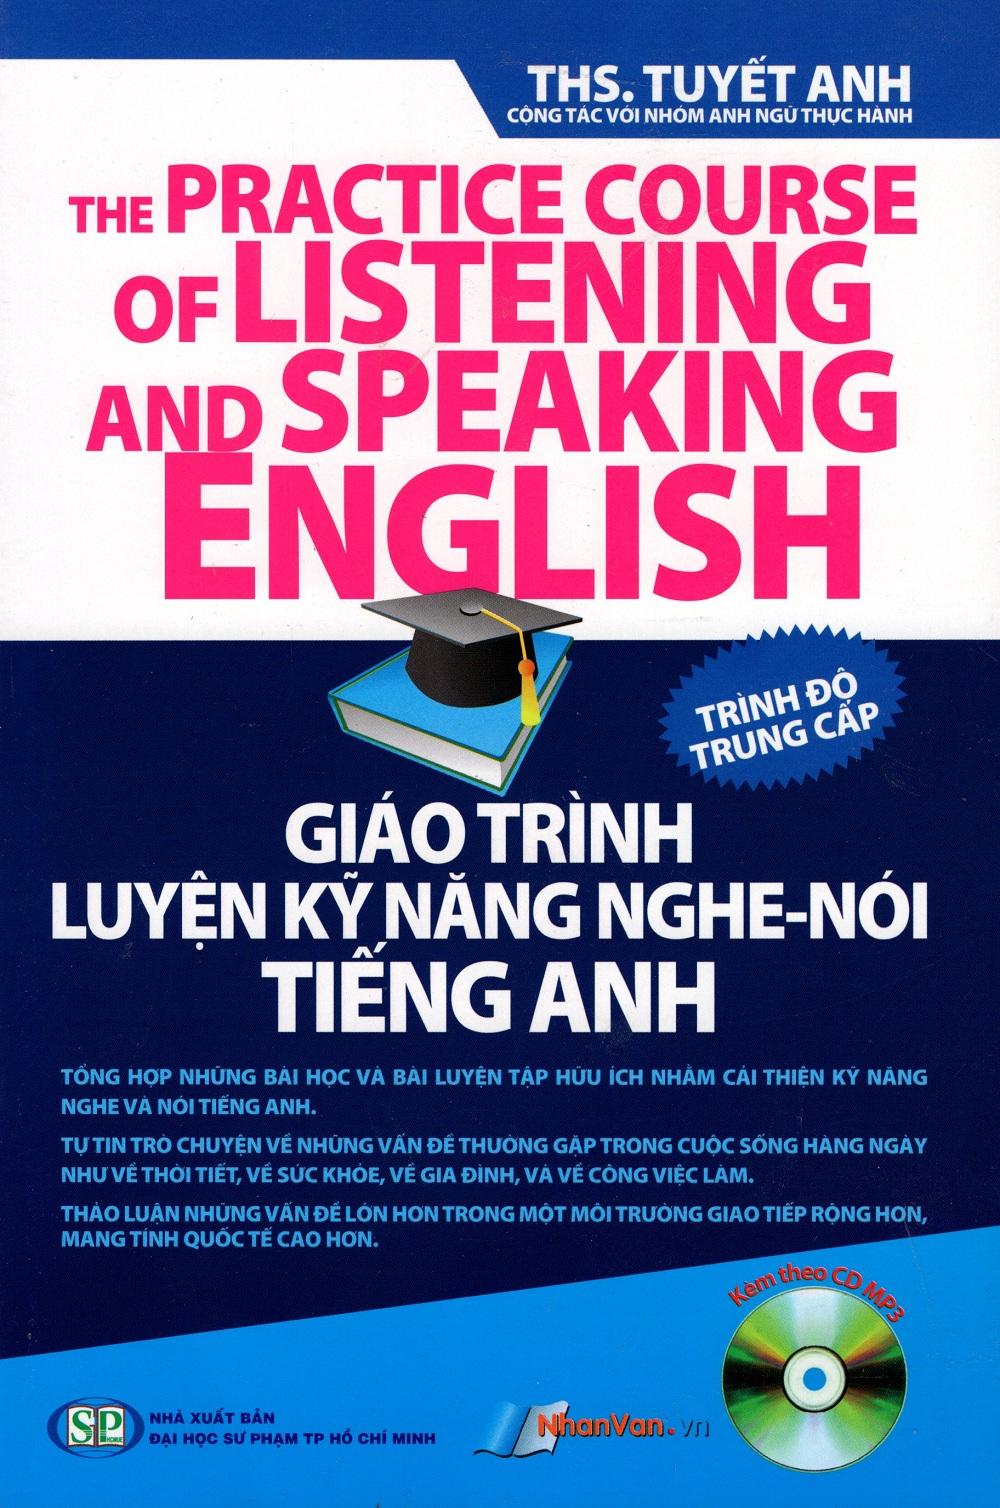 Bìa sách Giáo Trình Luyện Kỹ Năng Nghe - Nói Tiếng Anh (Kèm Theo CD) - Trình Độ Trung Cấp